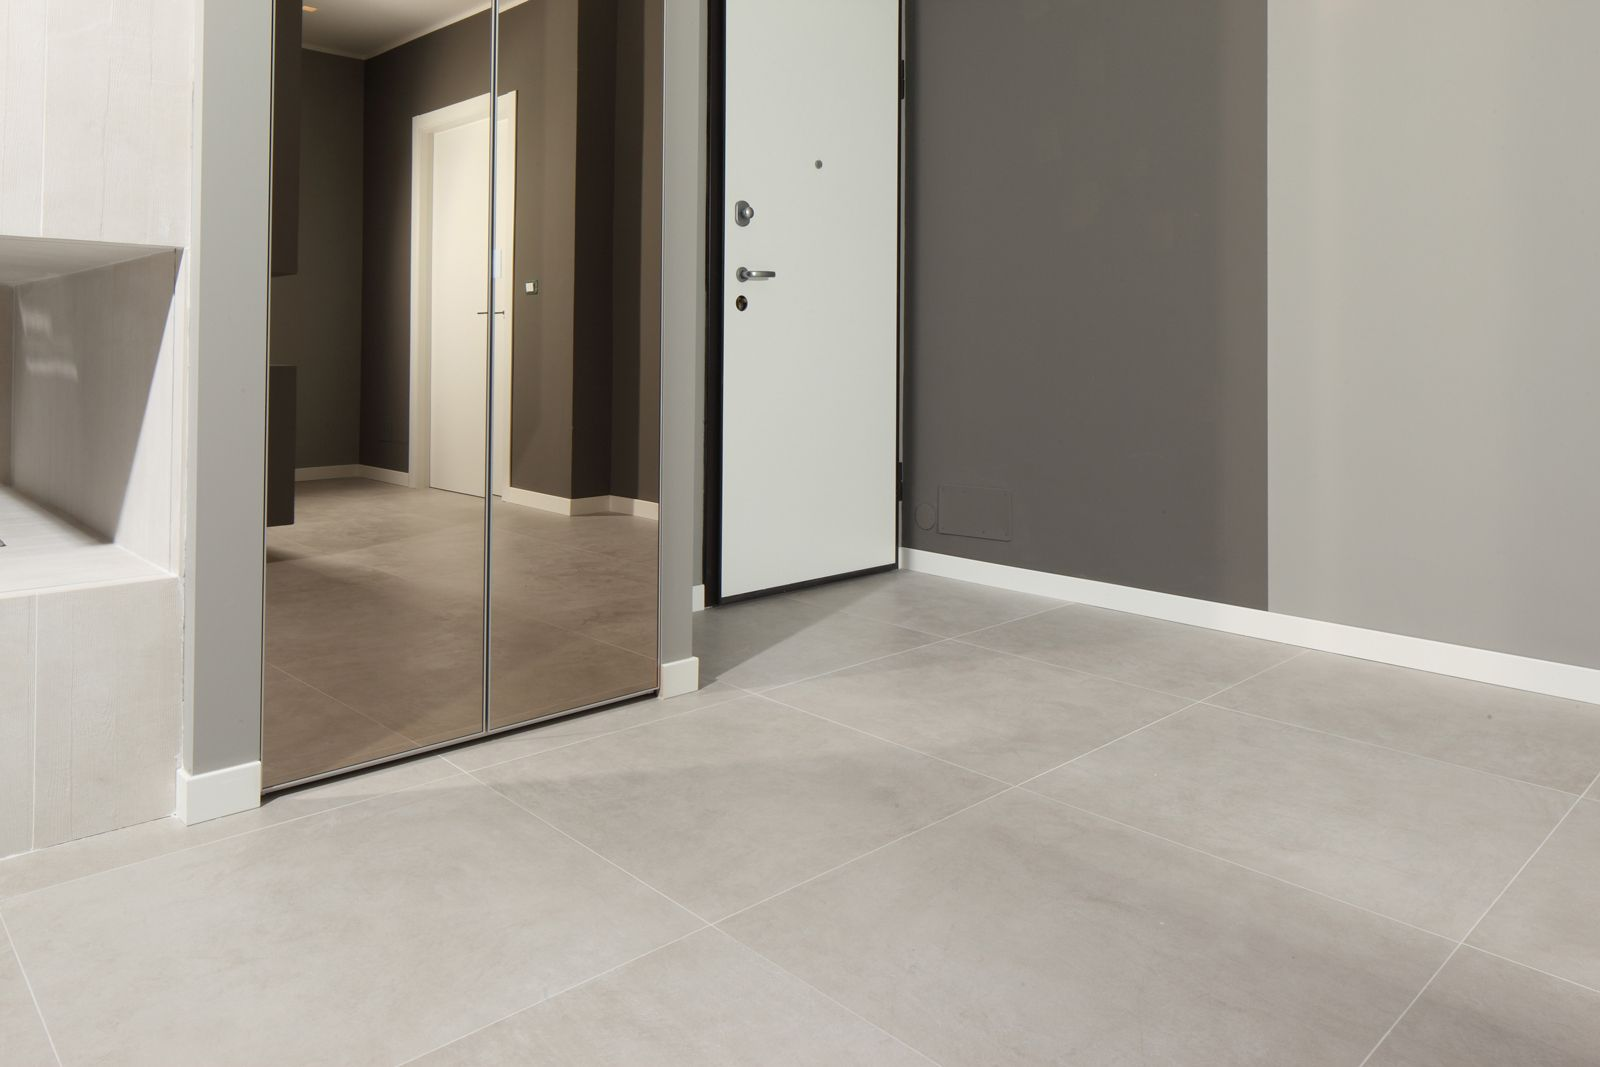 Gres porcellanato ceramica italiana di qualit nelle case di tutta europa e non solo gate - Crepe nelle piastrelle del pavimento ...